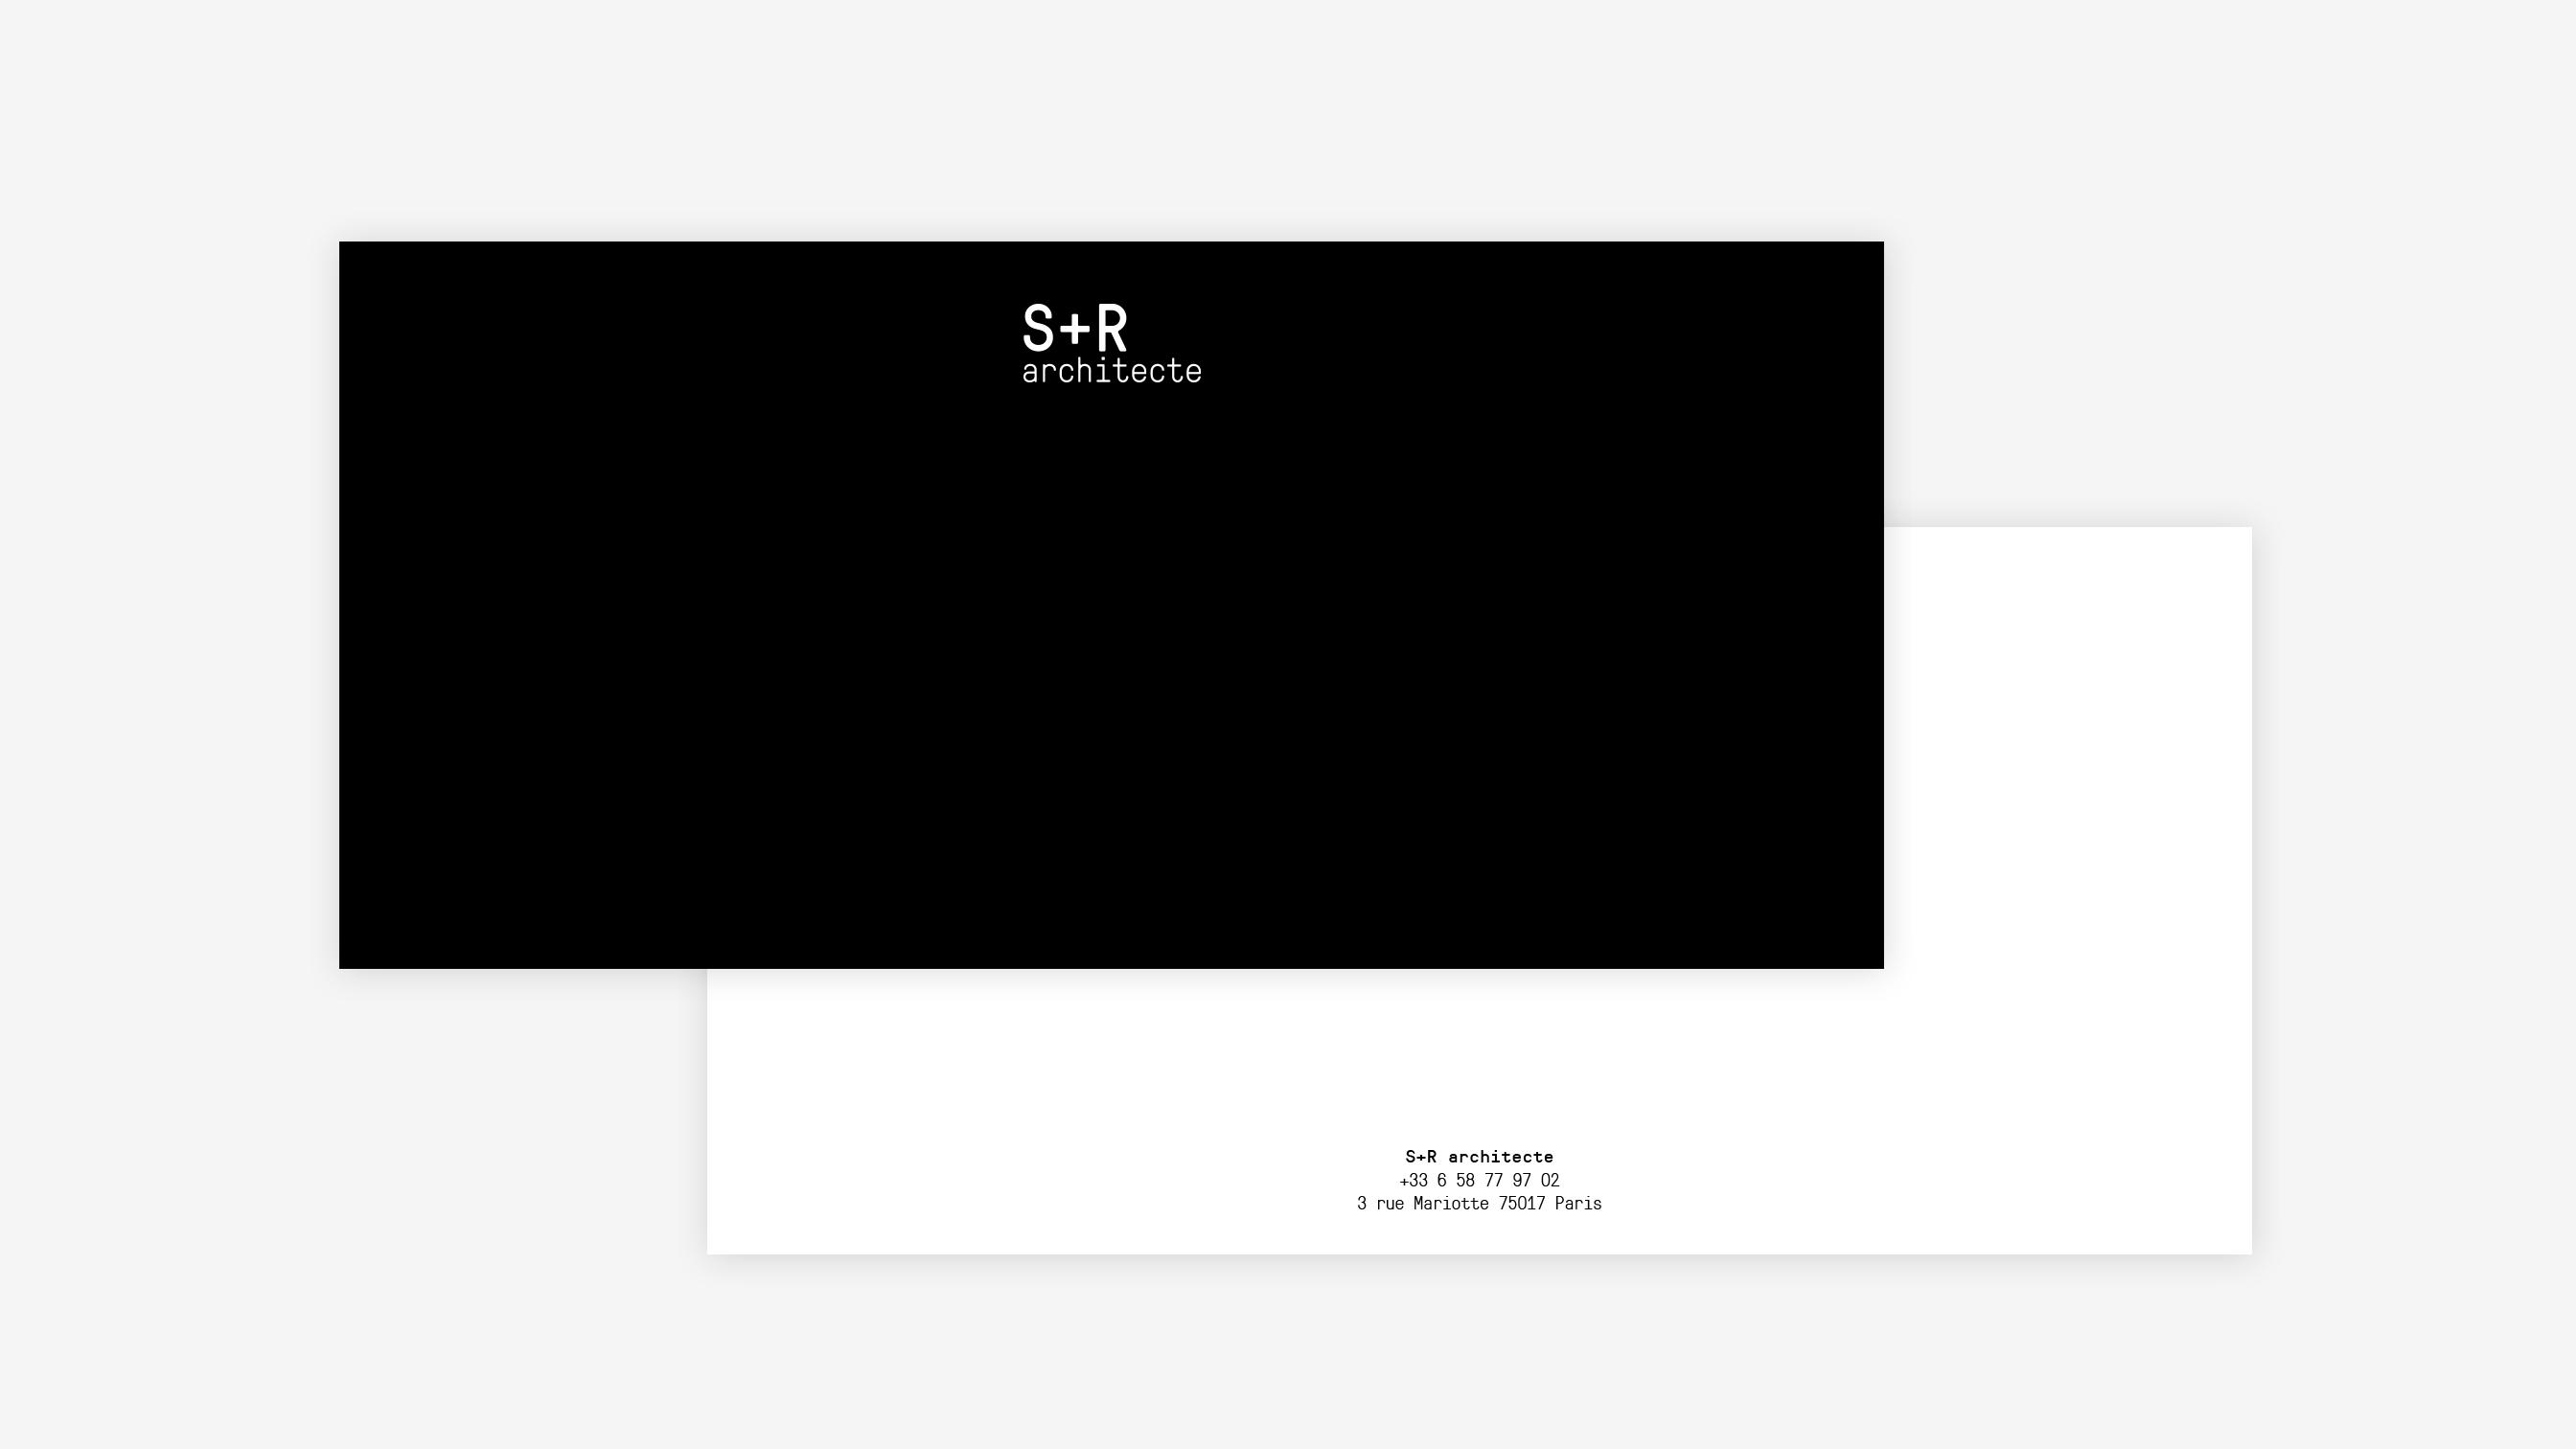 02-sr-architecte-supports